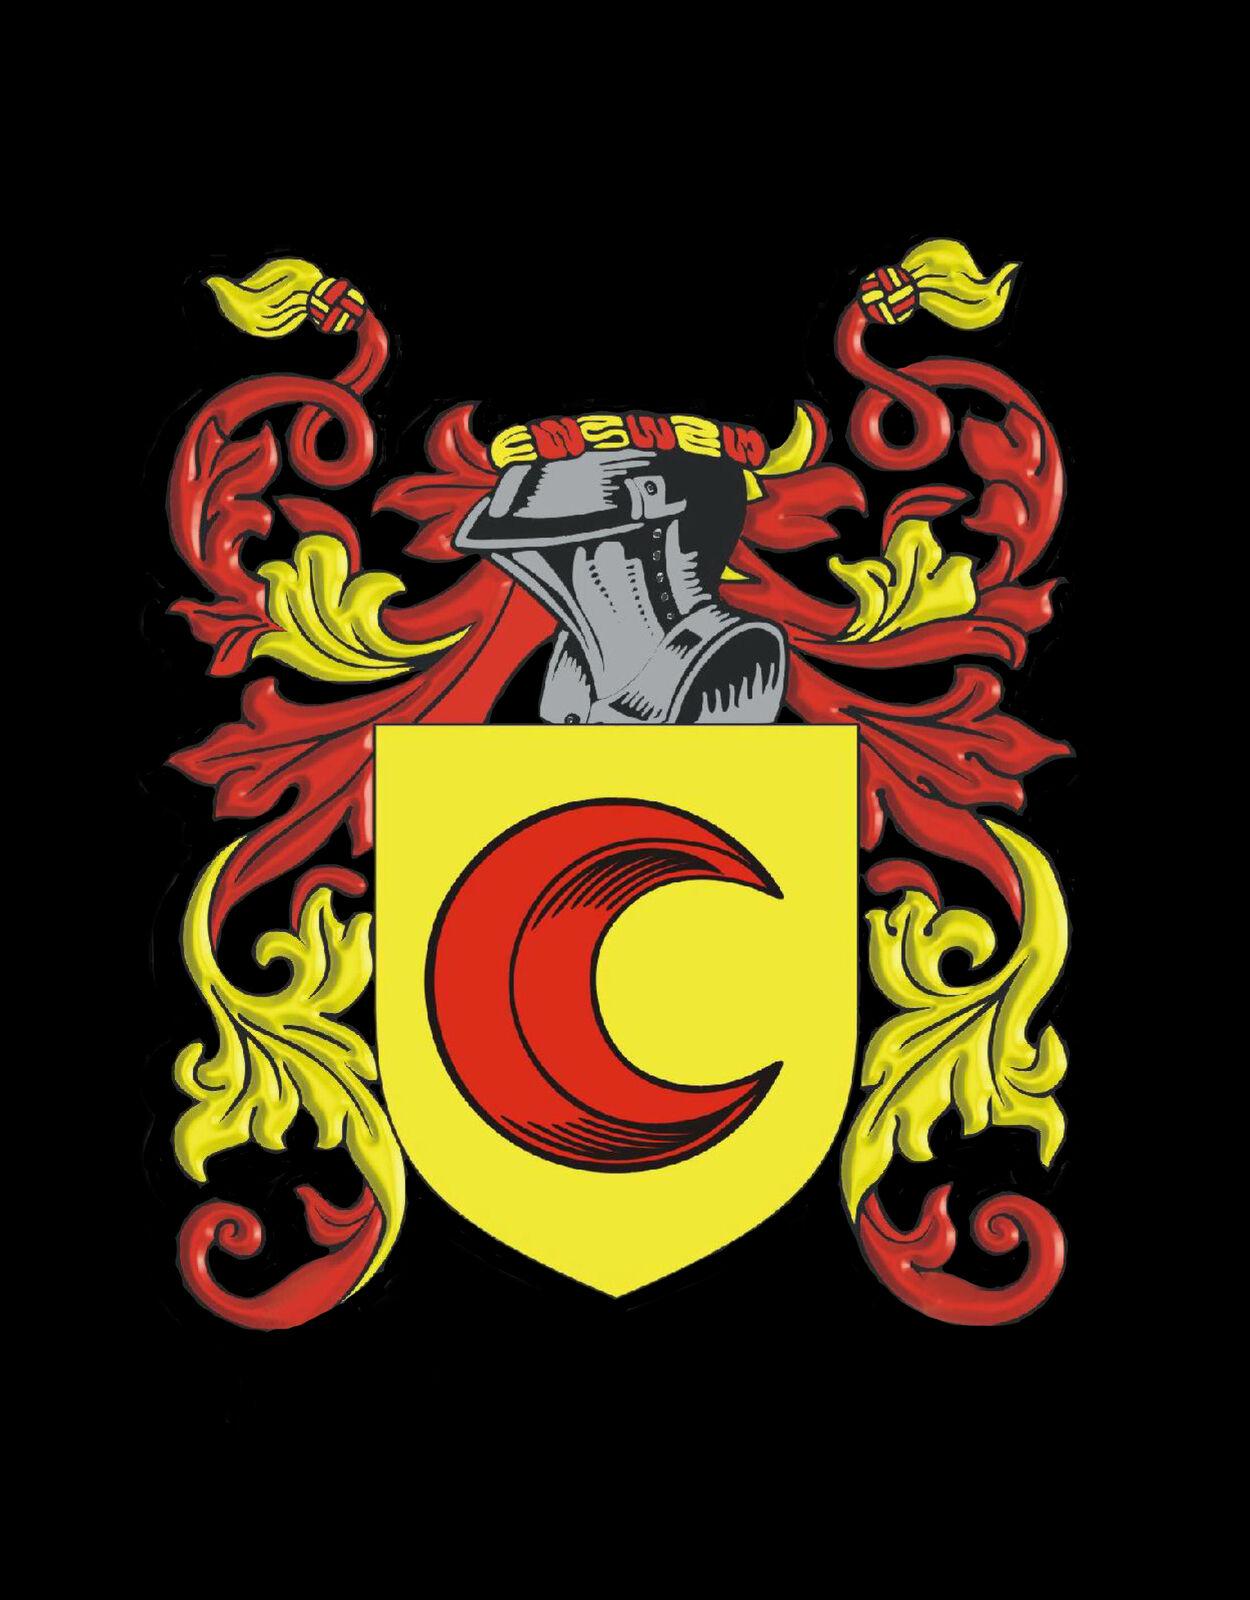 Edwin Wales Famiglia Stemma Cognome Spilla per Bavero Inciso Inciso Inciso Cofanetto Regalo 708959